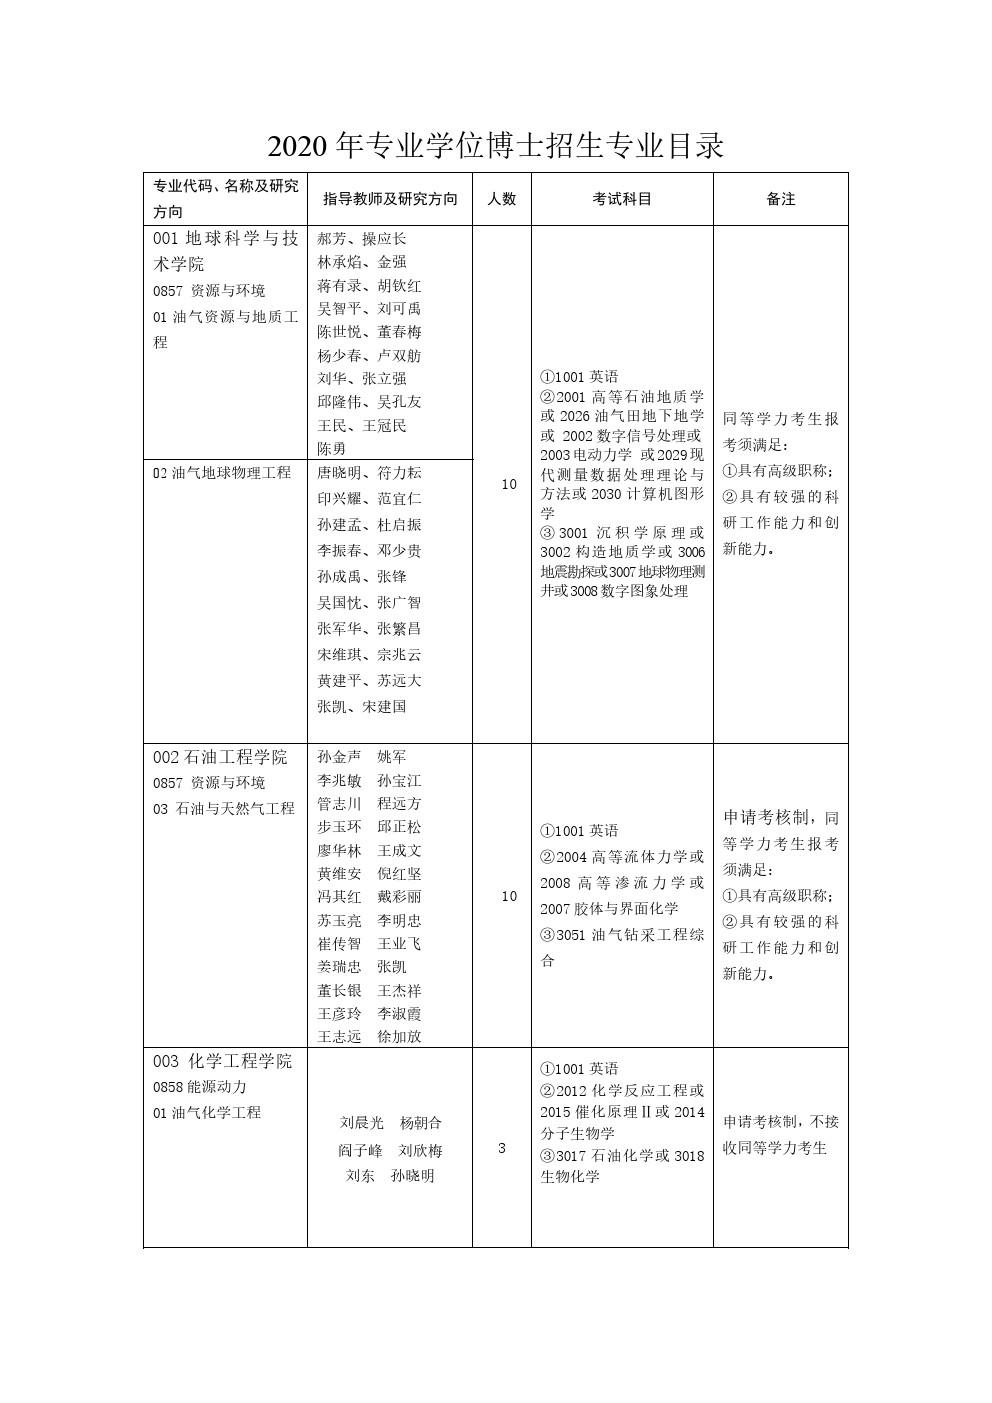 中国石油大学(华东)2020年专业博士研究生招生专业目录